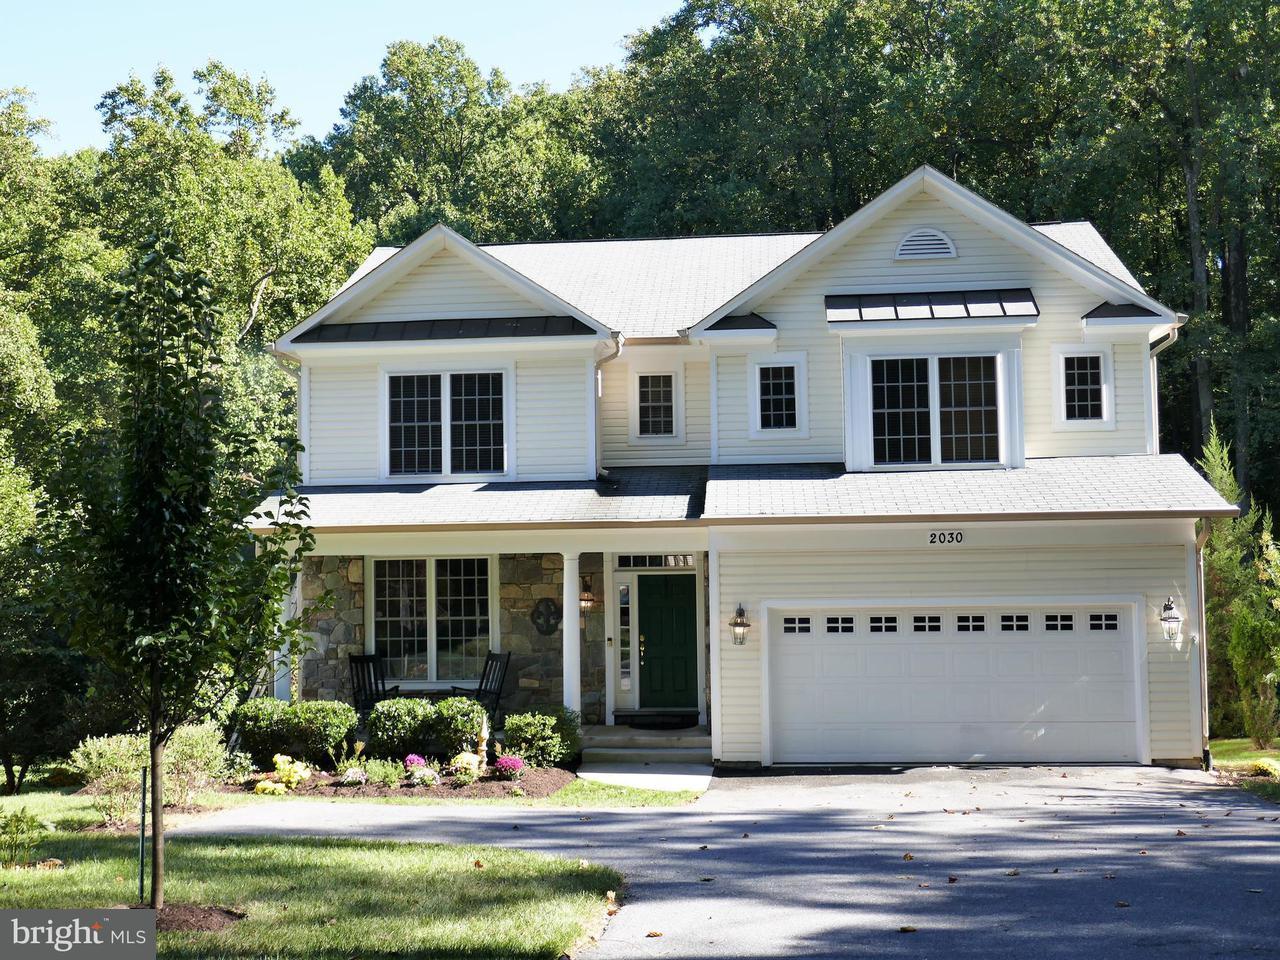 一戸建て のために 売買 アット 2030 Wallace Avenue 2030 Wallace Avenue Silver Spring, メリーランド 20902 アメリカ合衆国